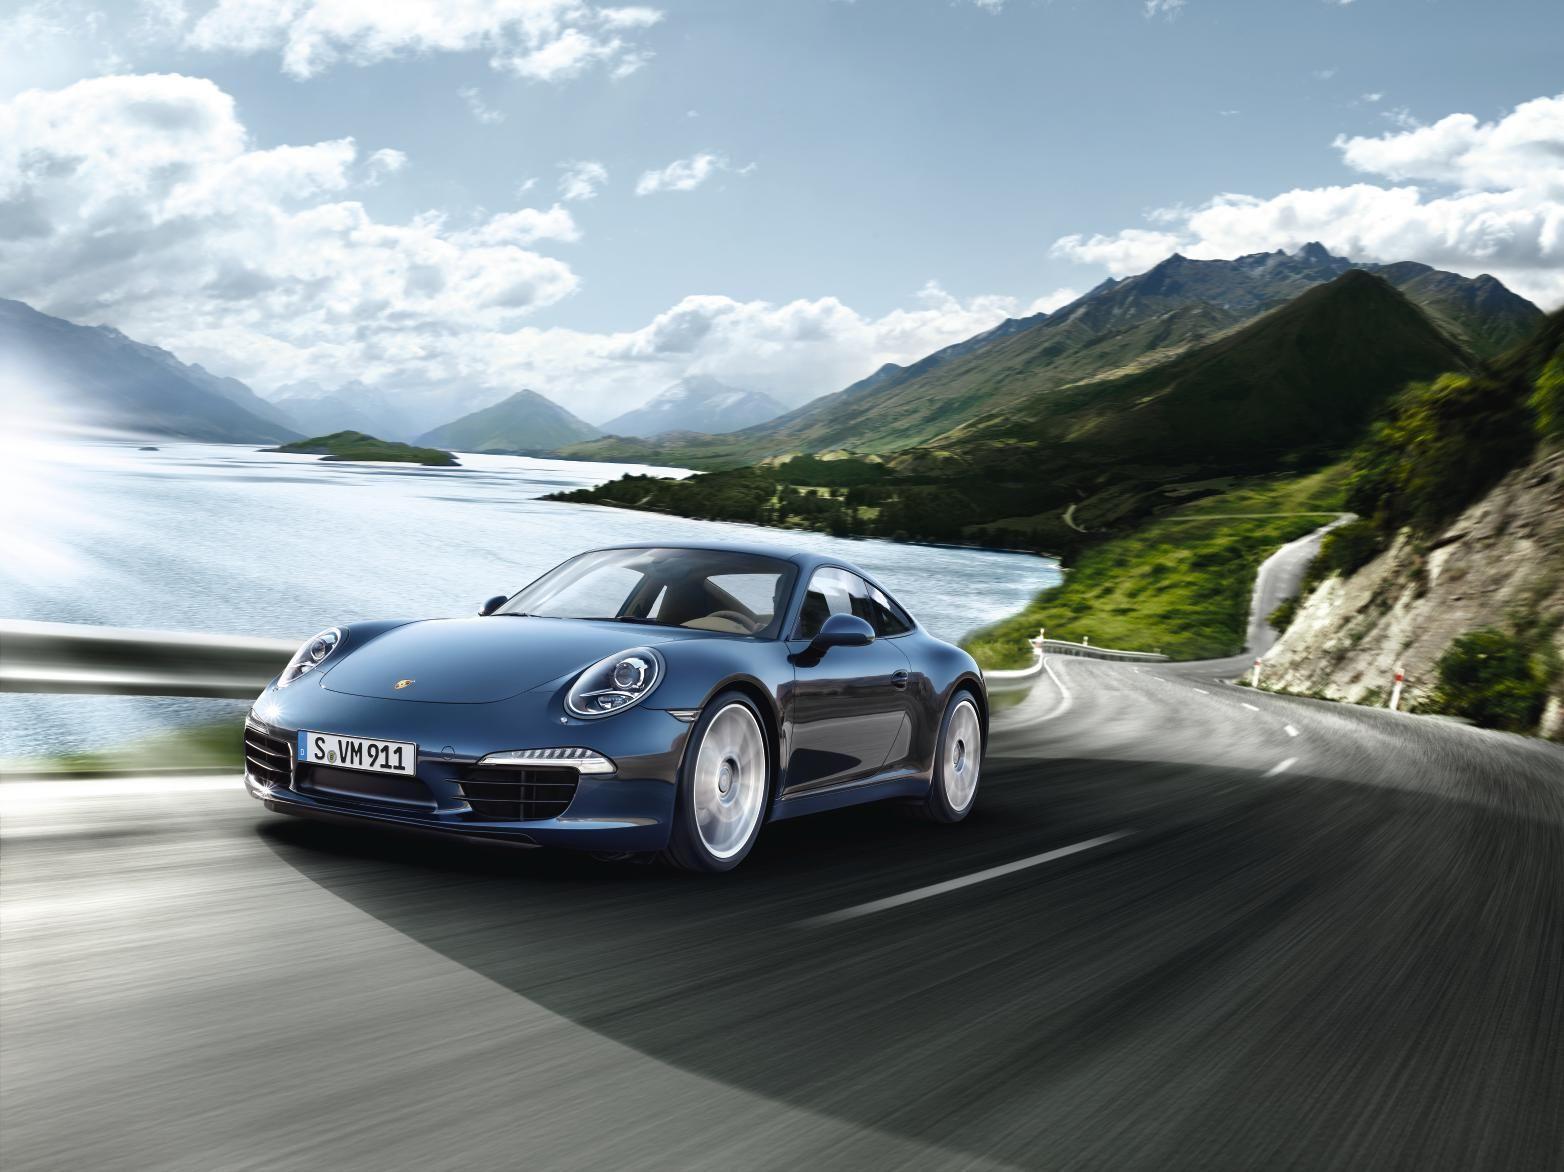 Porsche Approved En Centro Porsche Madrid Norte Localice El Porsche De Sus Suenos En Http Www Porsche Madridnorte C Porsche Carrera Porsche 911 Porsche 991